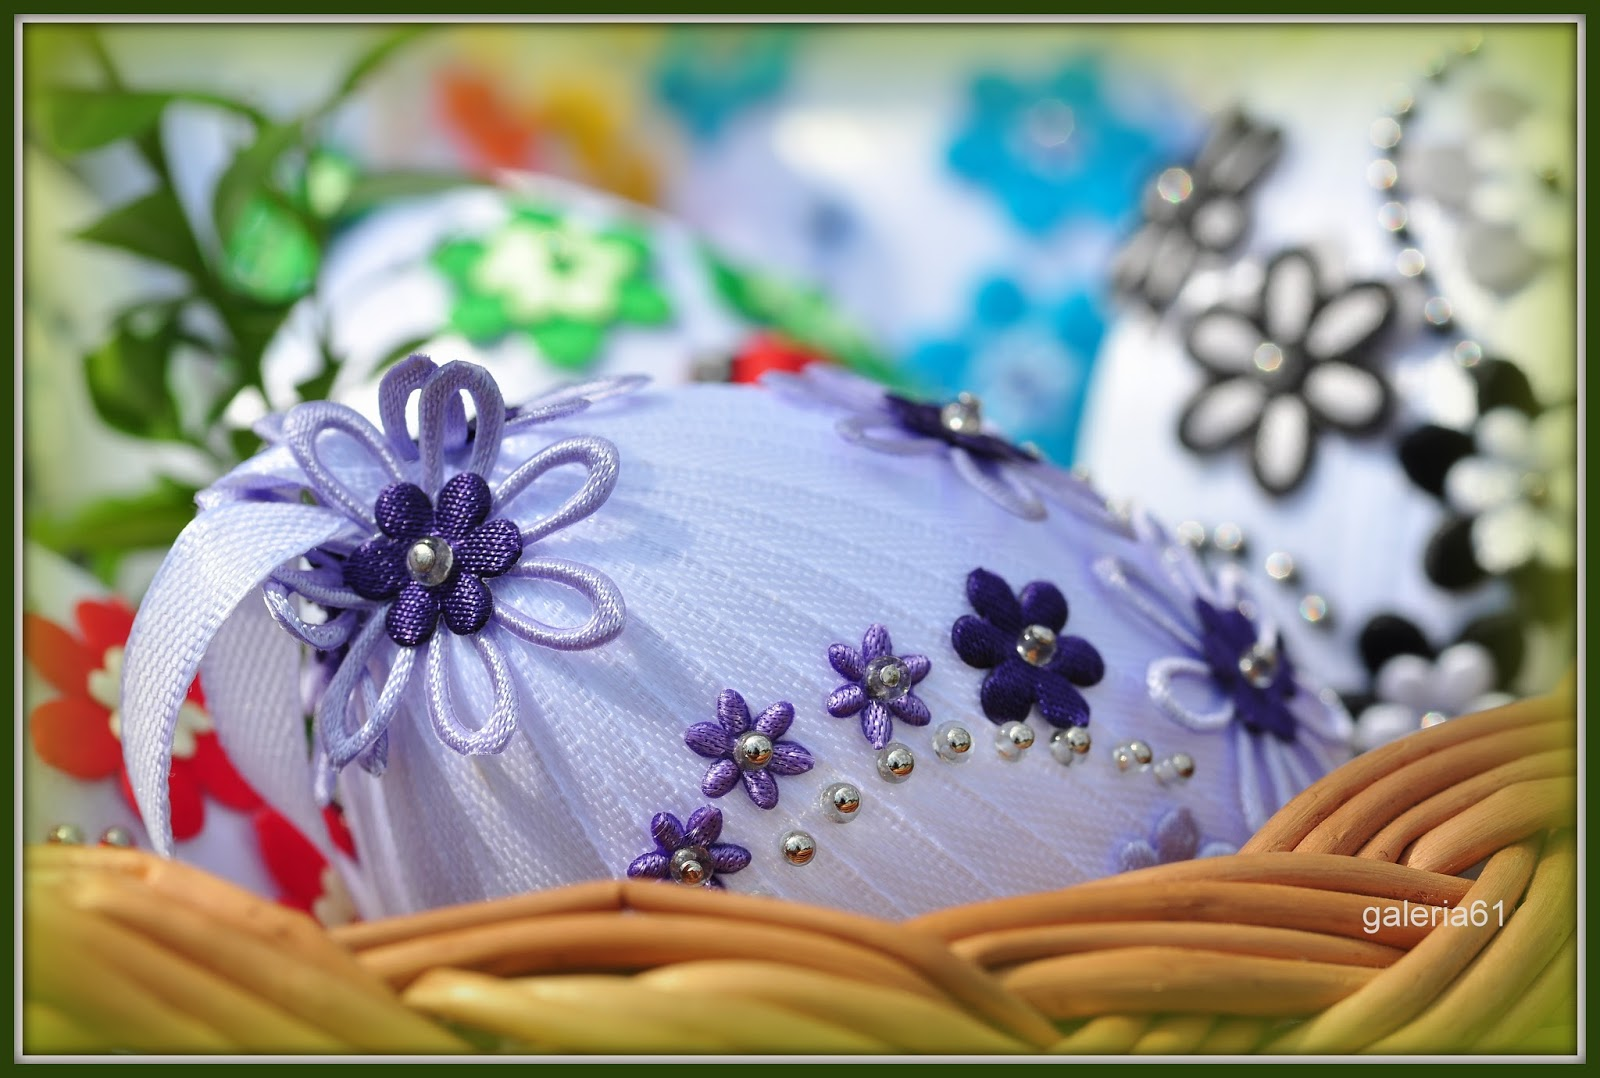 pisanki wstążeczkowe z kwiatuszkami i koralikami